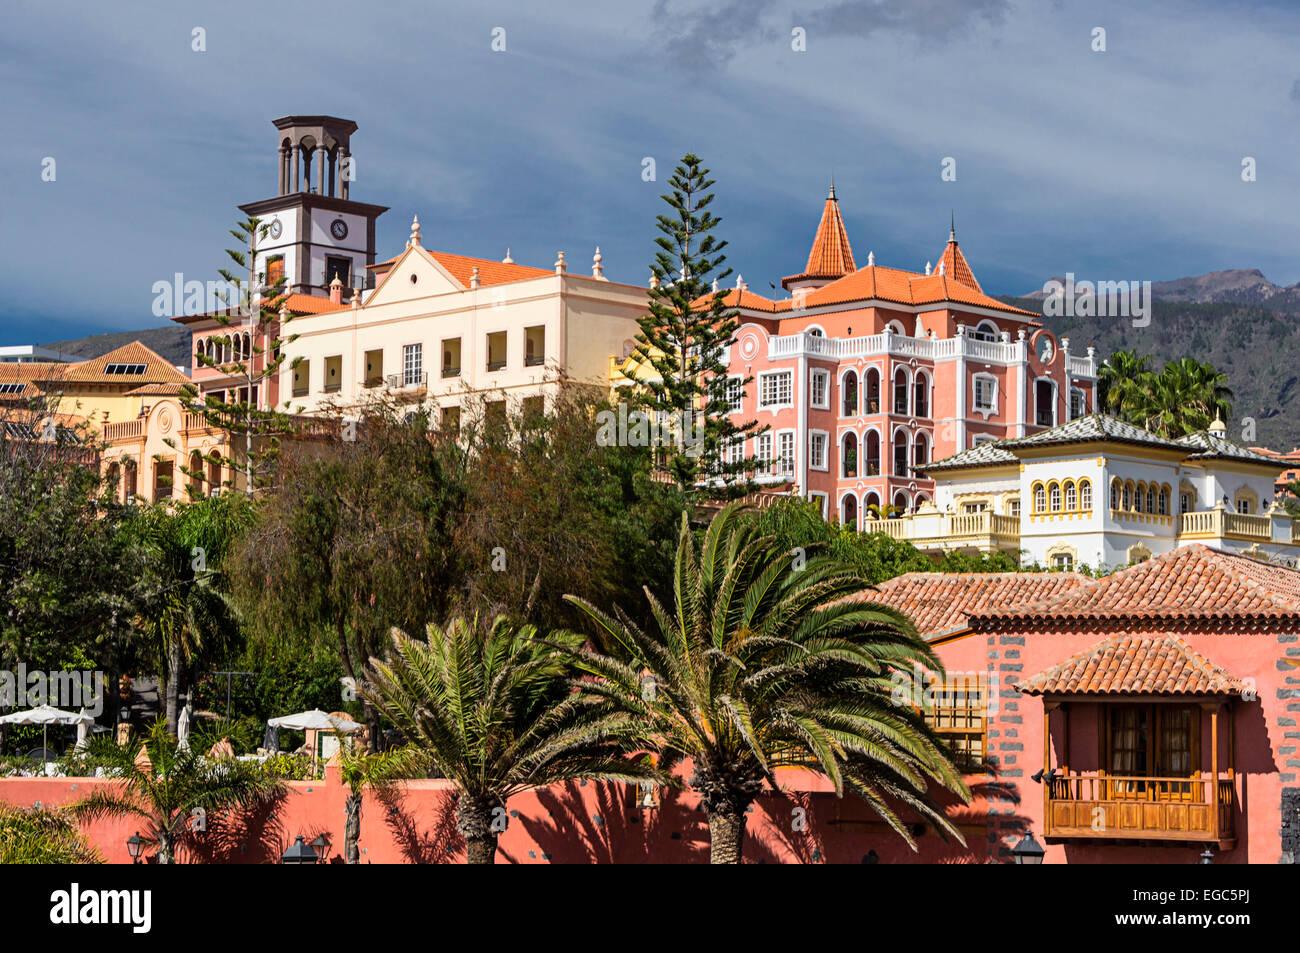 Gran Hotel Bahía Del Duque Resort en Tenerife, España Imagen De Stock